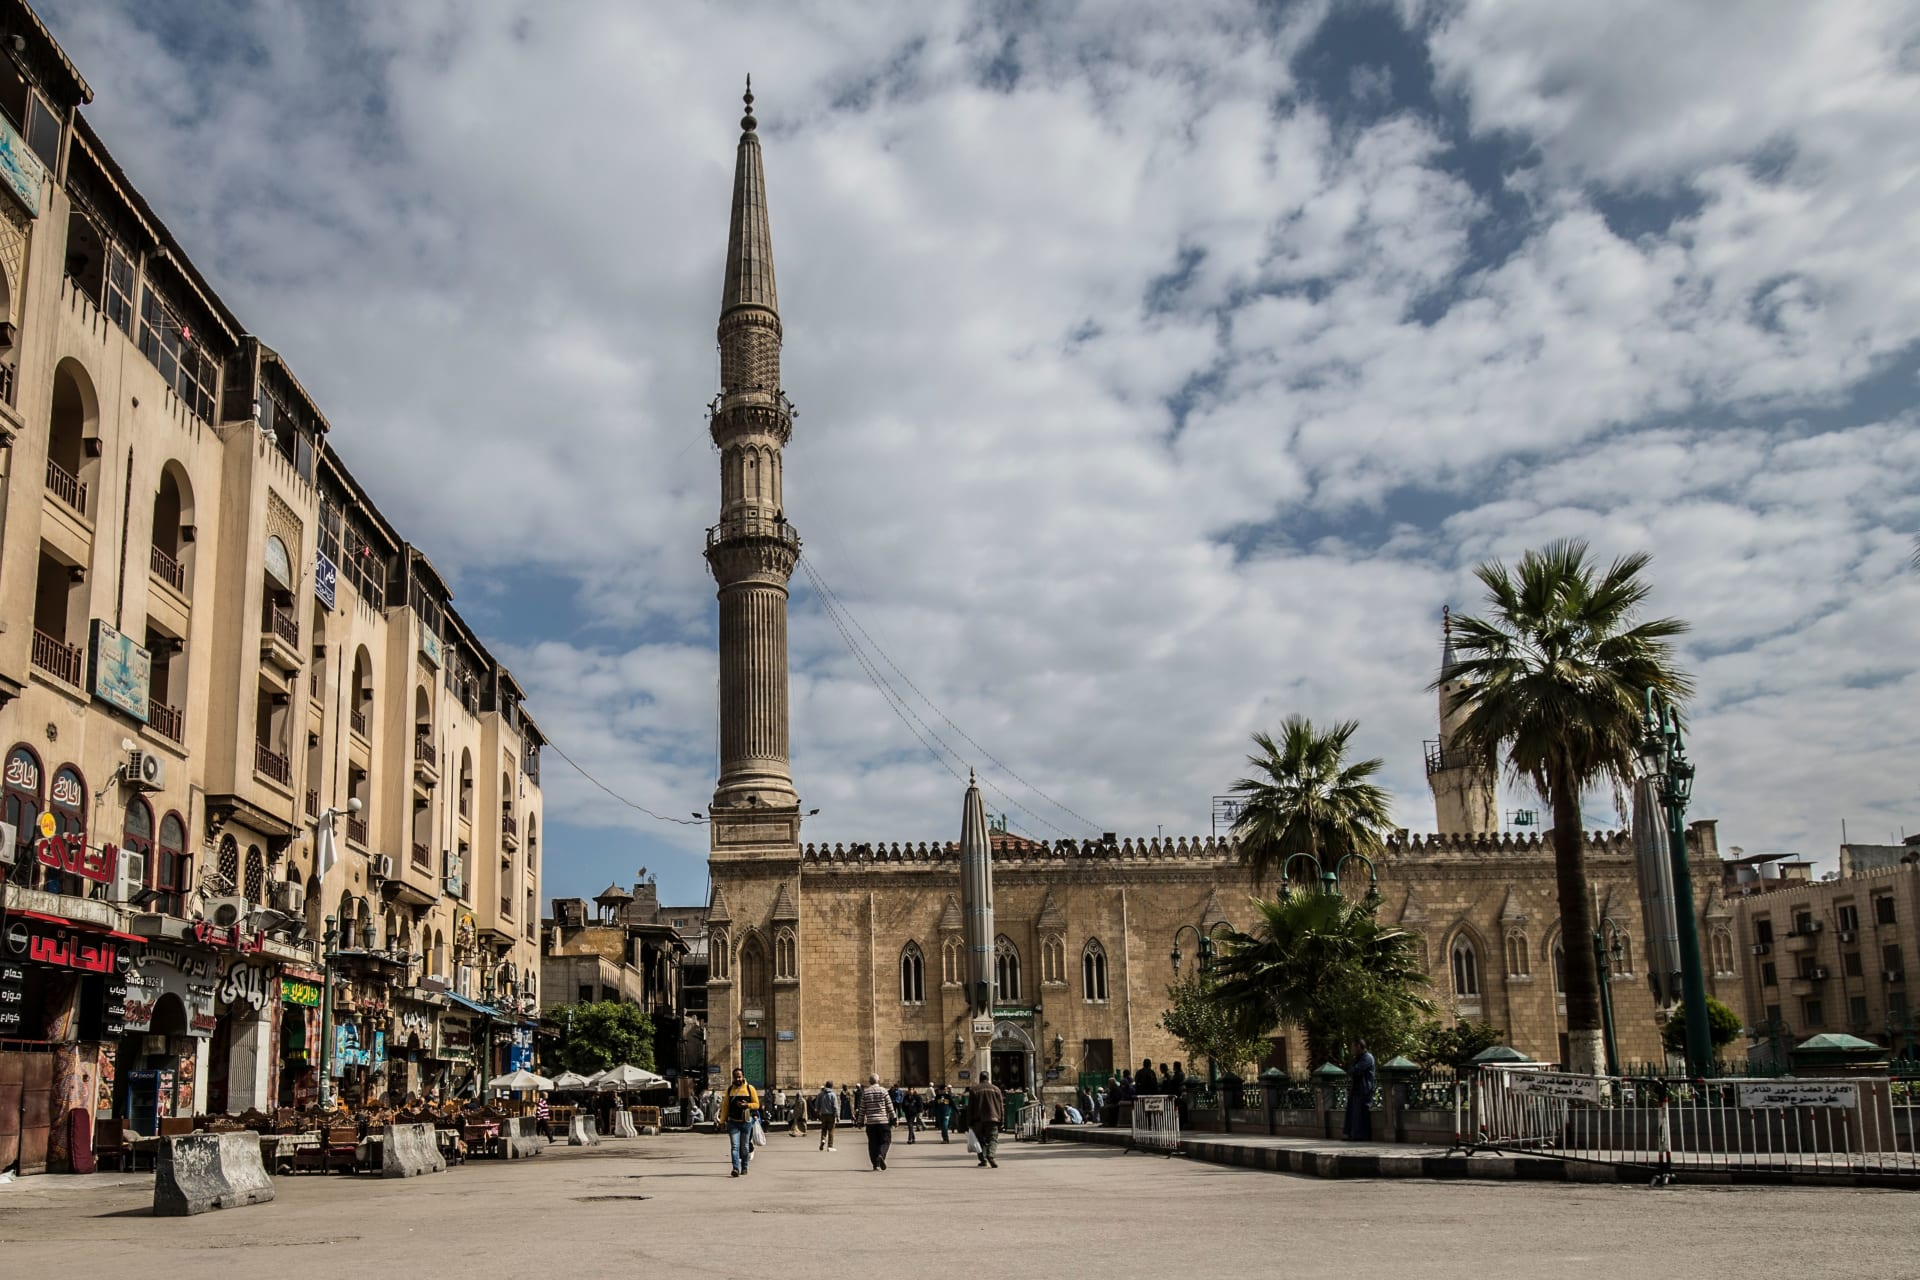 رمضان في زمن كورونا بمصر.. صيام مشروط بأوامر الأطباء وإلغاء التراويح والاعتكاف وموائد الرحمن